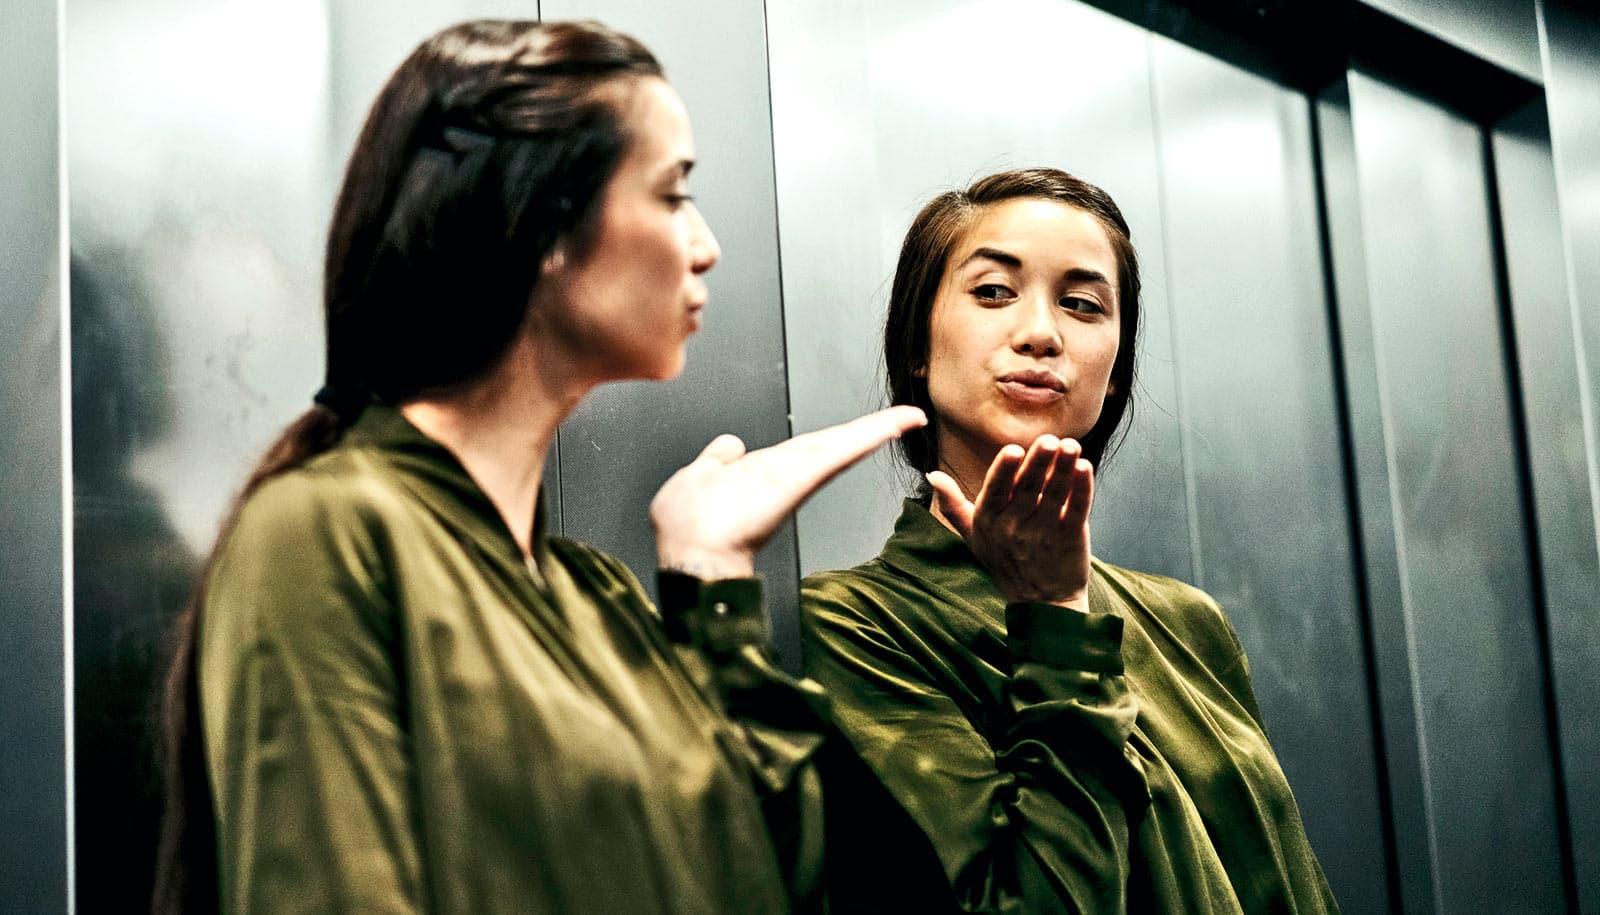 Narcissism declines as we get older